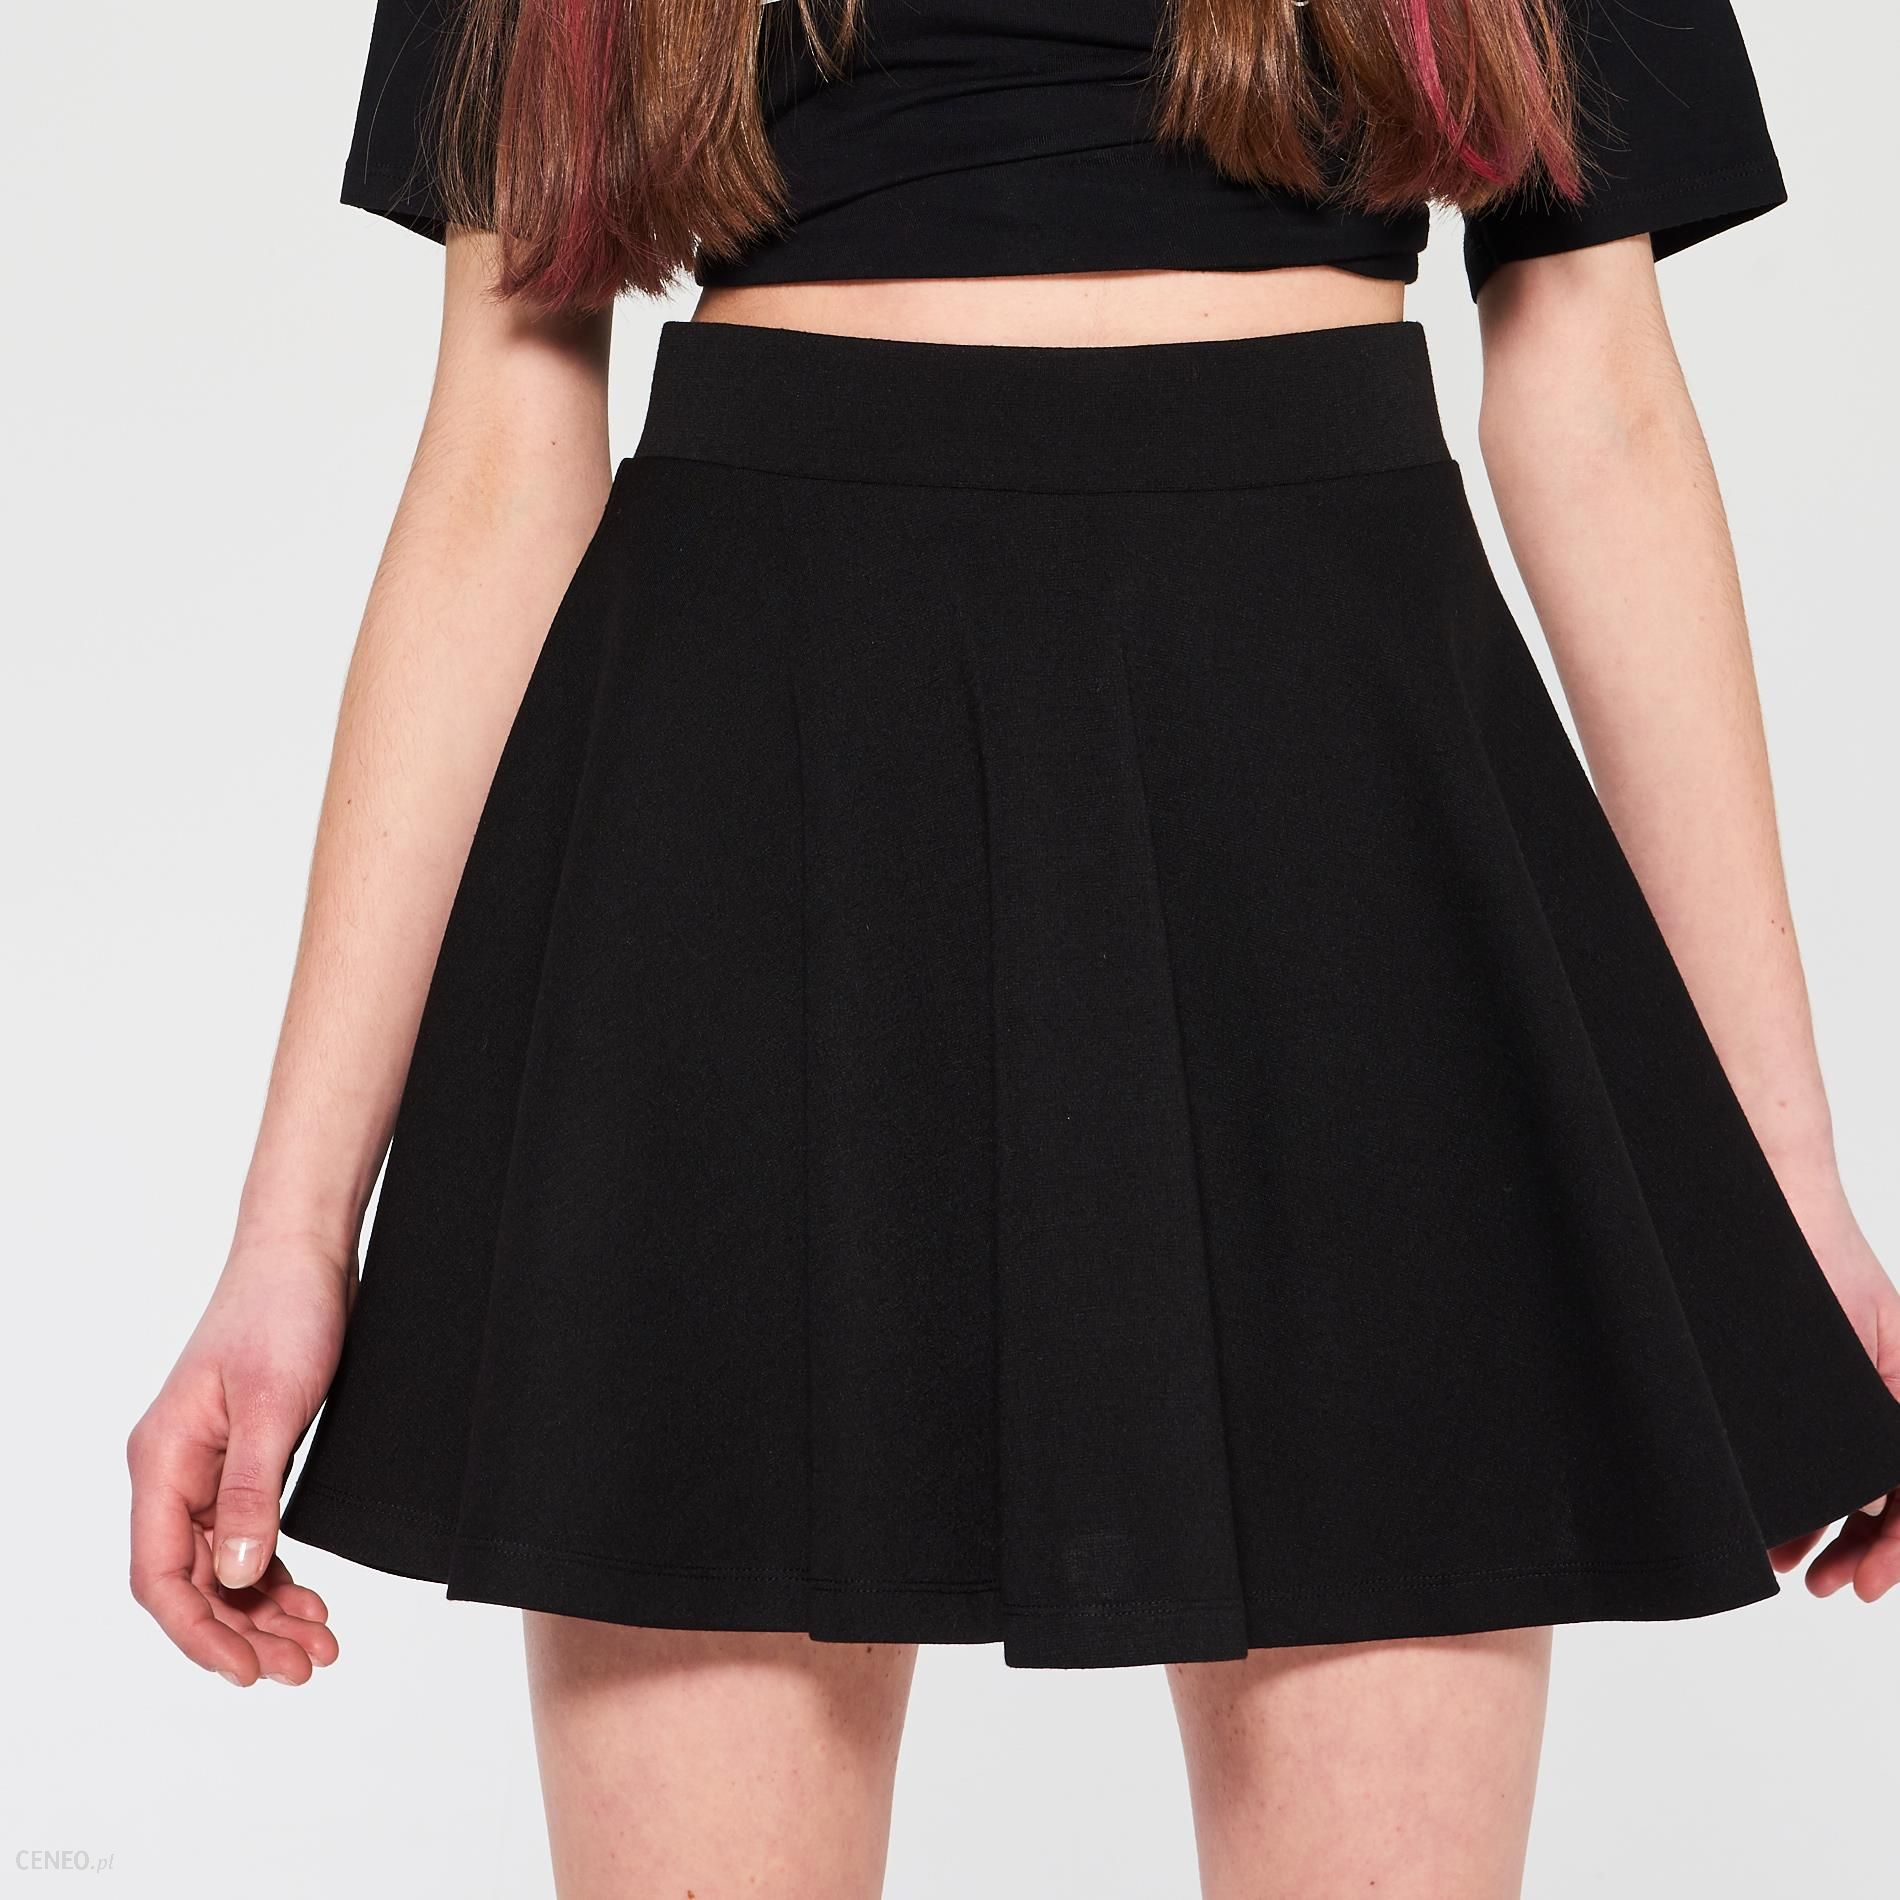 Czarna, rozkloszowana spódnica SINSAY, r. M, nowa